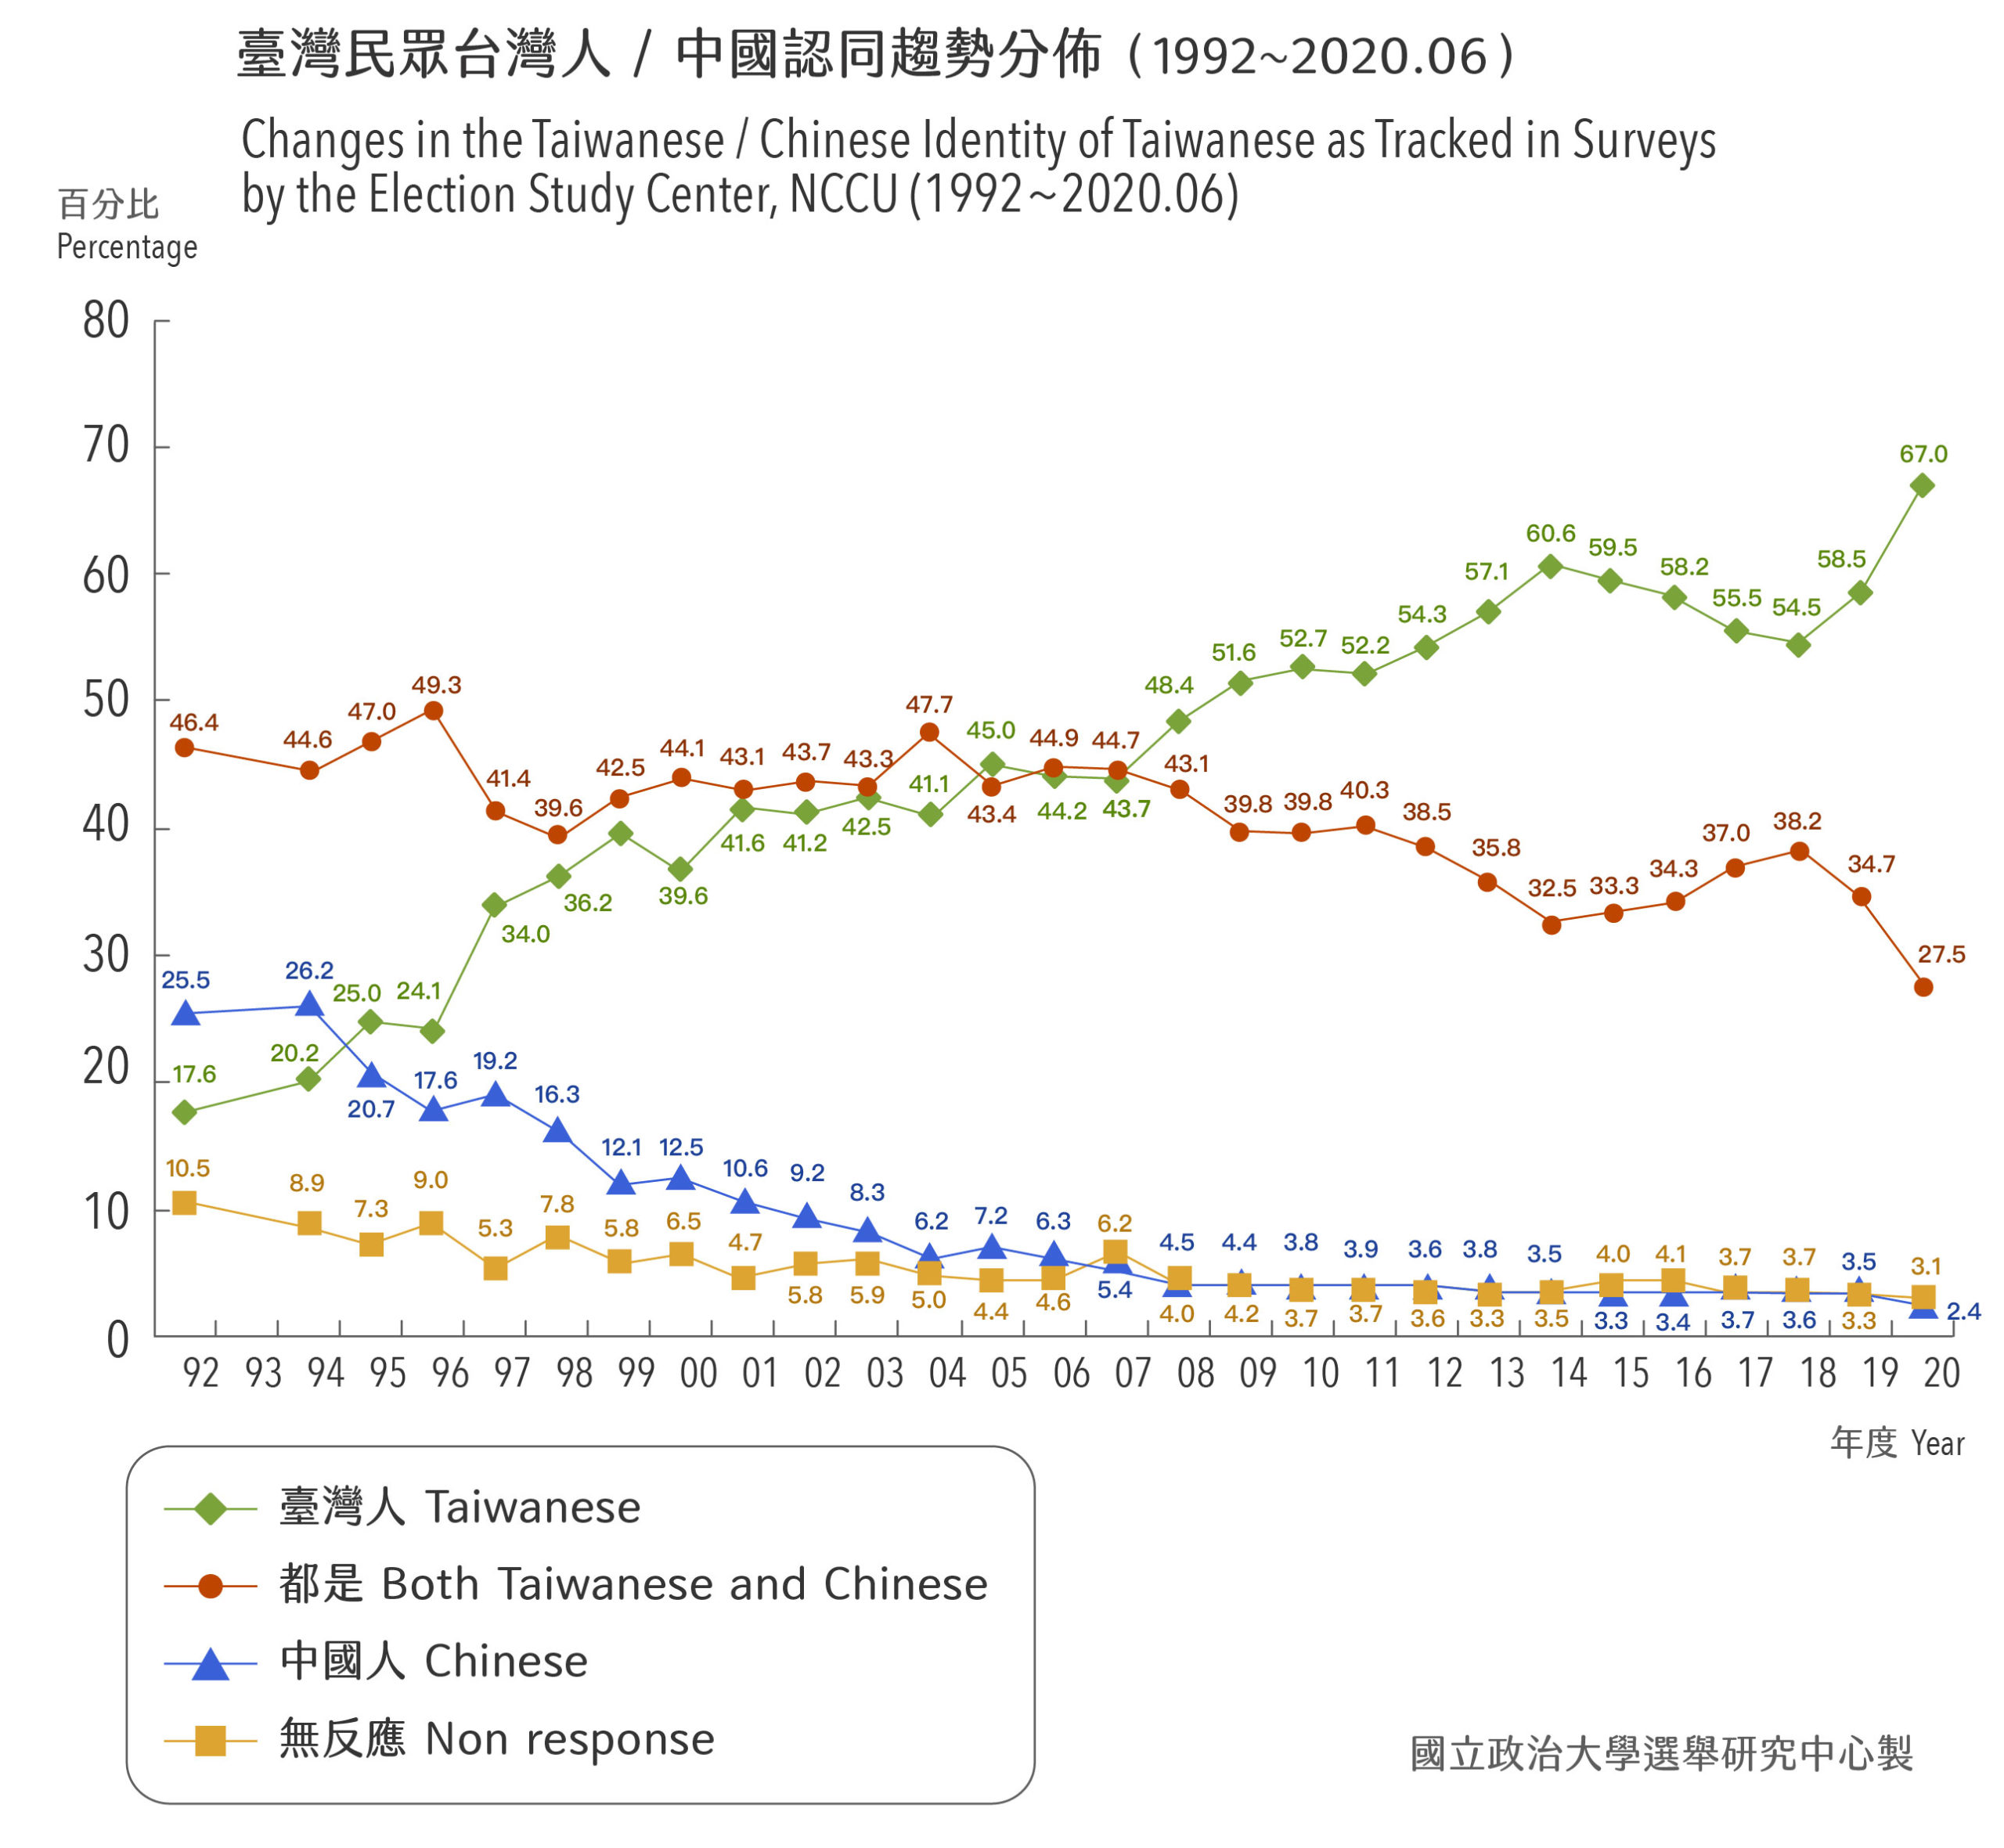 1994 年後「中國認同」下降,部分「中國認同」者流向「雙重認同」,開啟「雙重認同」與「台灣認同」的競爭。由於挹注效果逐年下滑, 2008 年後「台灣認同」成為主流。圖│研之有物(原始資料、圖片│政治大學選舉研究中心)